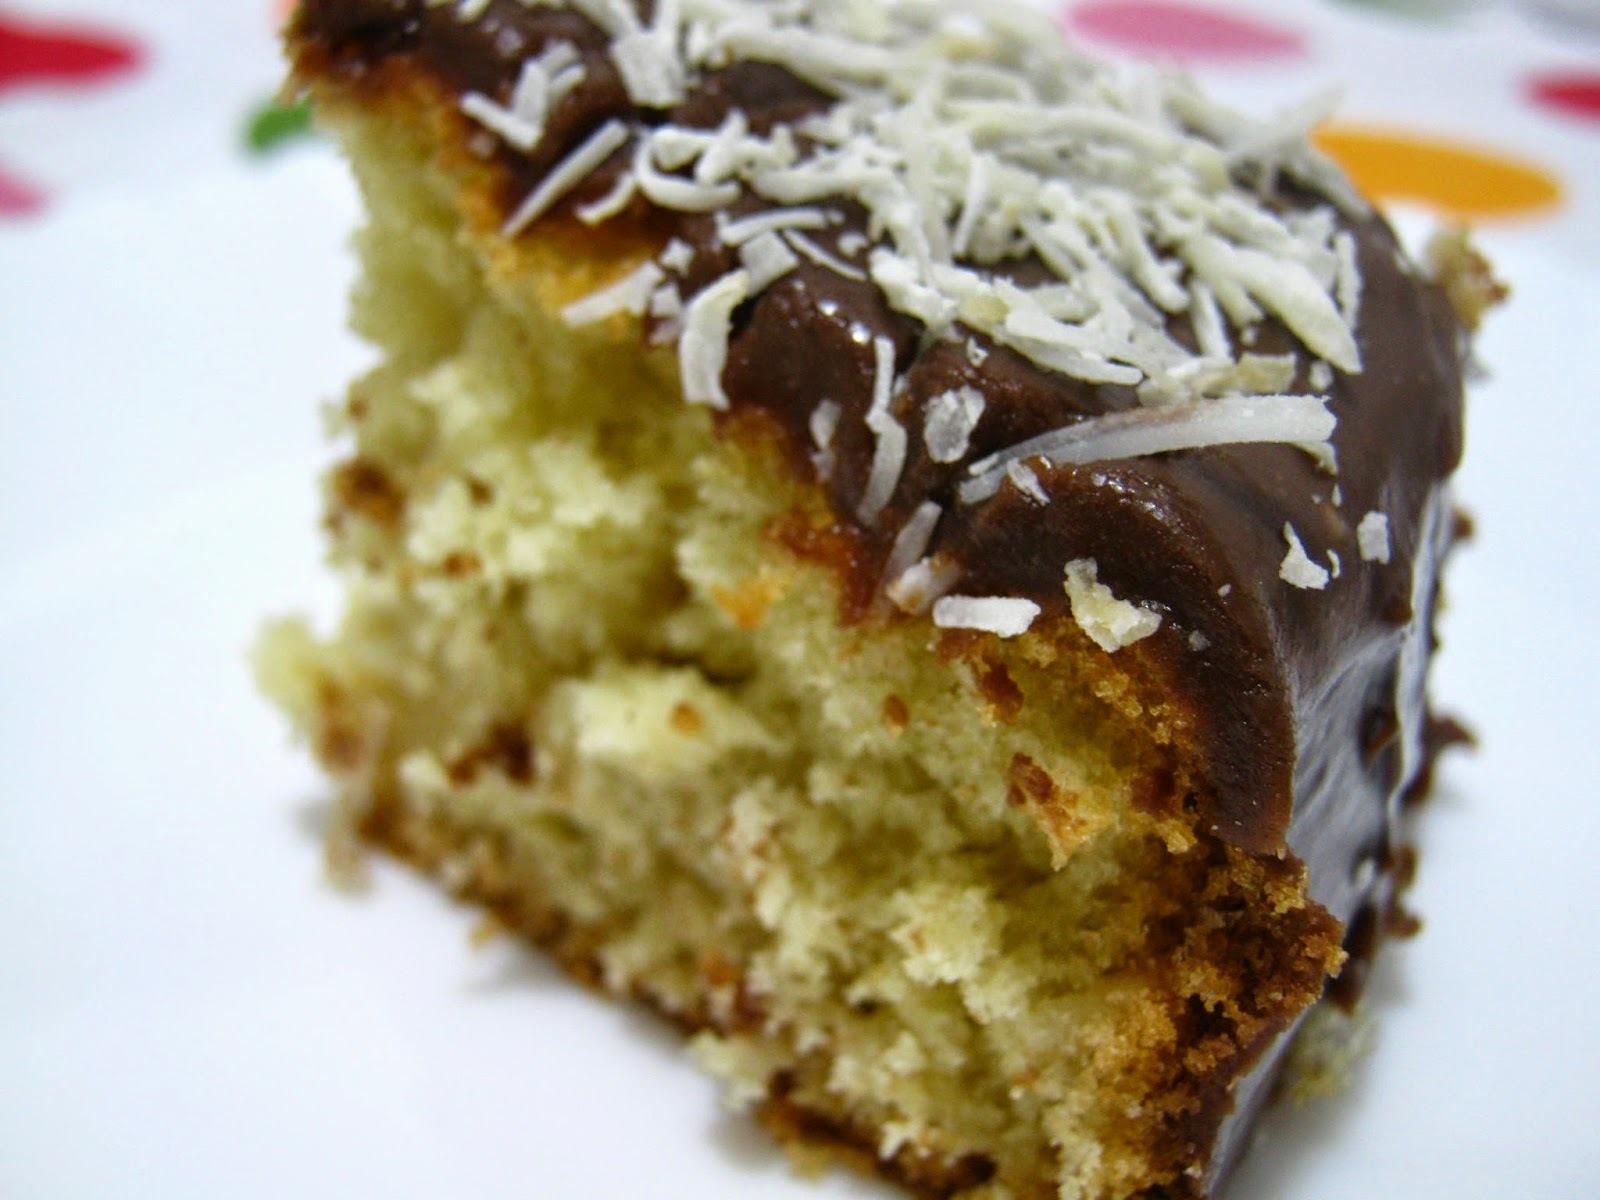 cobertura de chocolate durinha com creme de leite